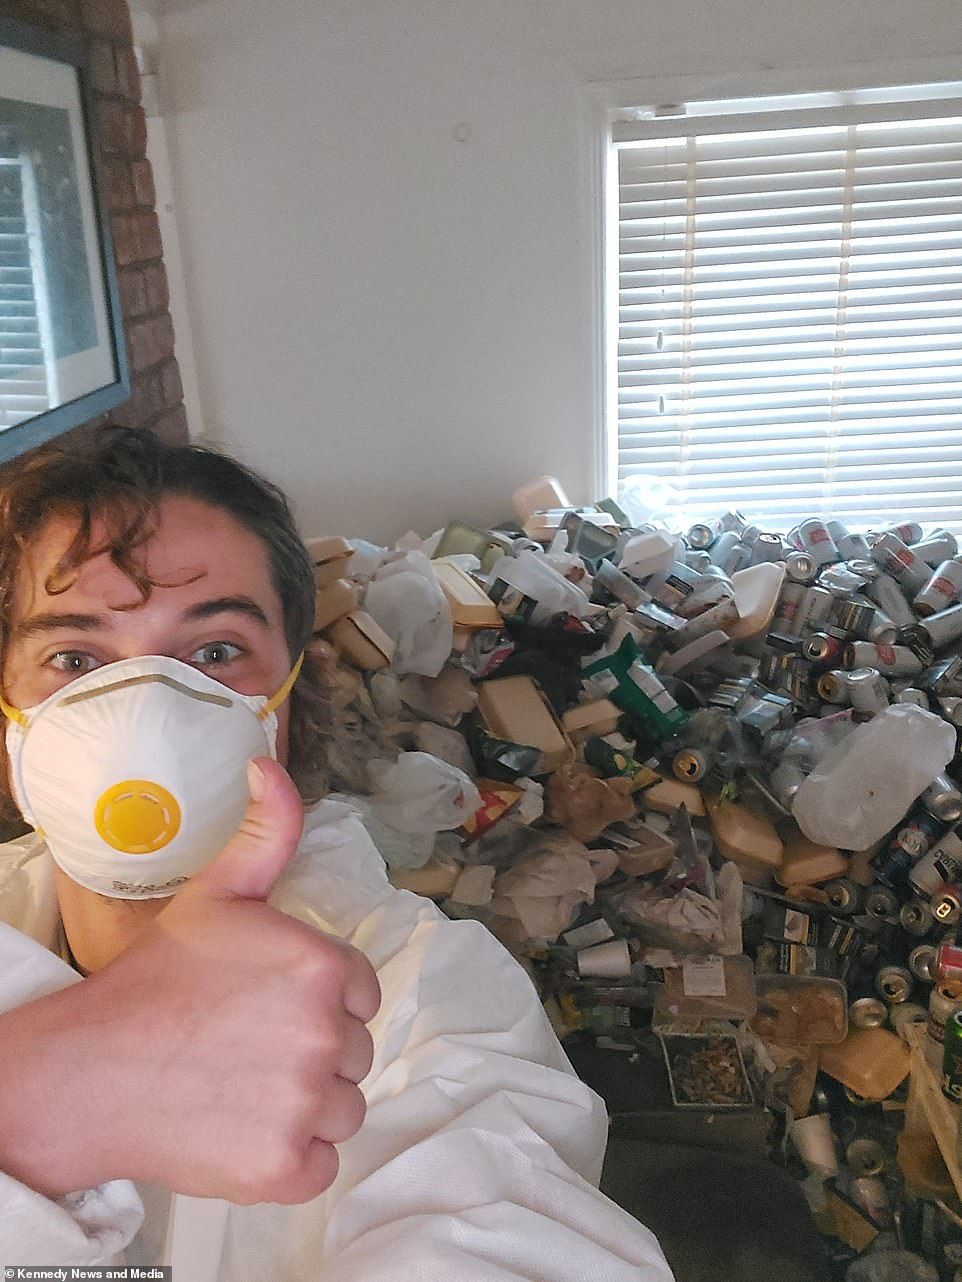 Căn nhà 'bẩn' nhất thế giới chứa 8.000 chai lọ thức ăn rác thải